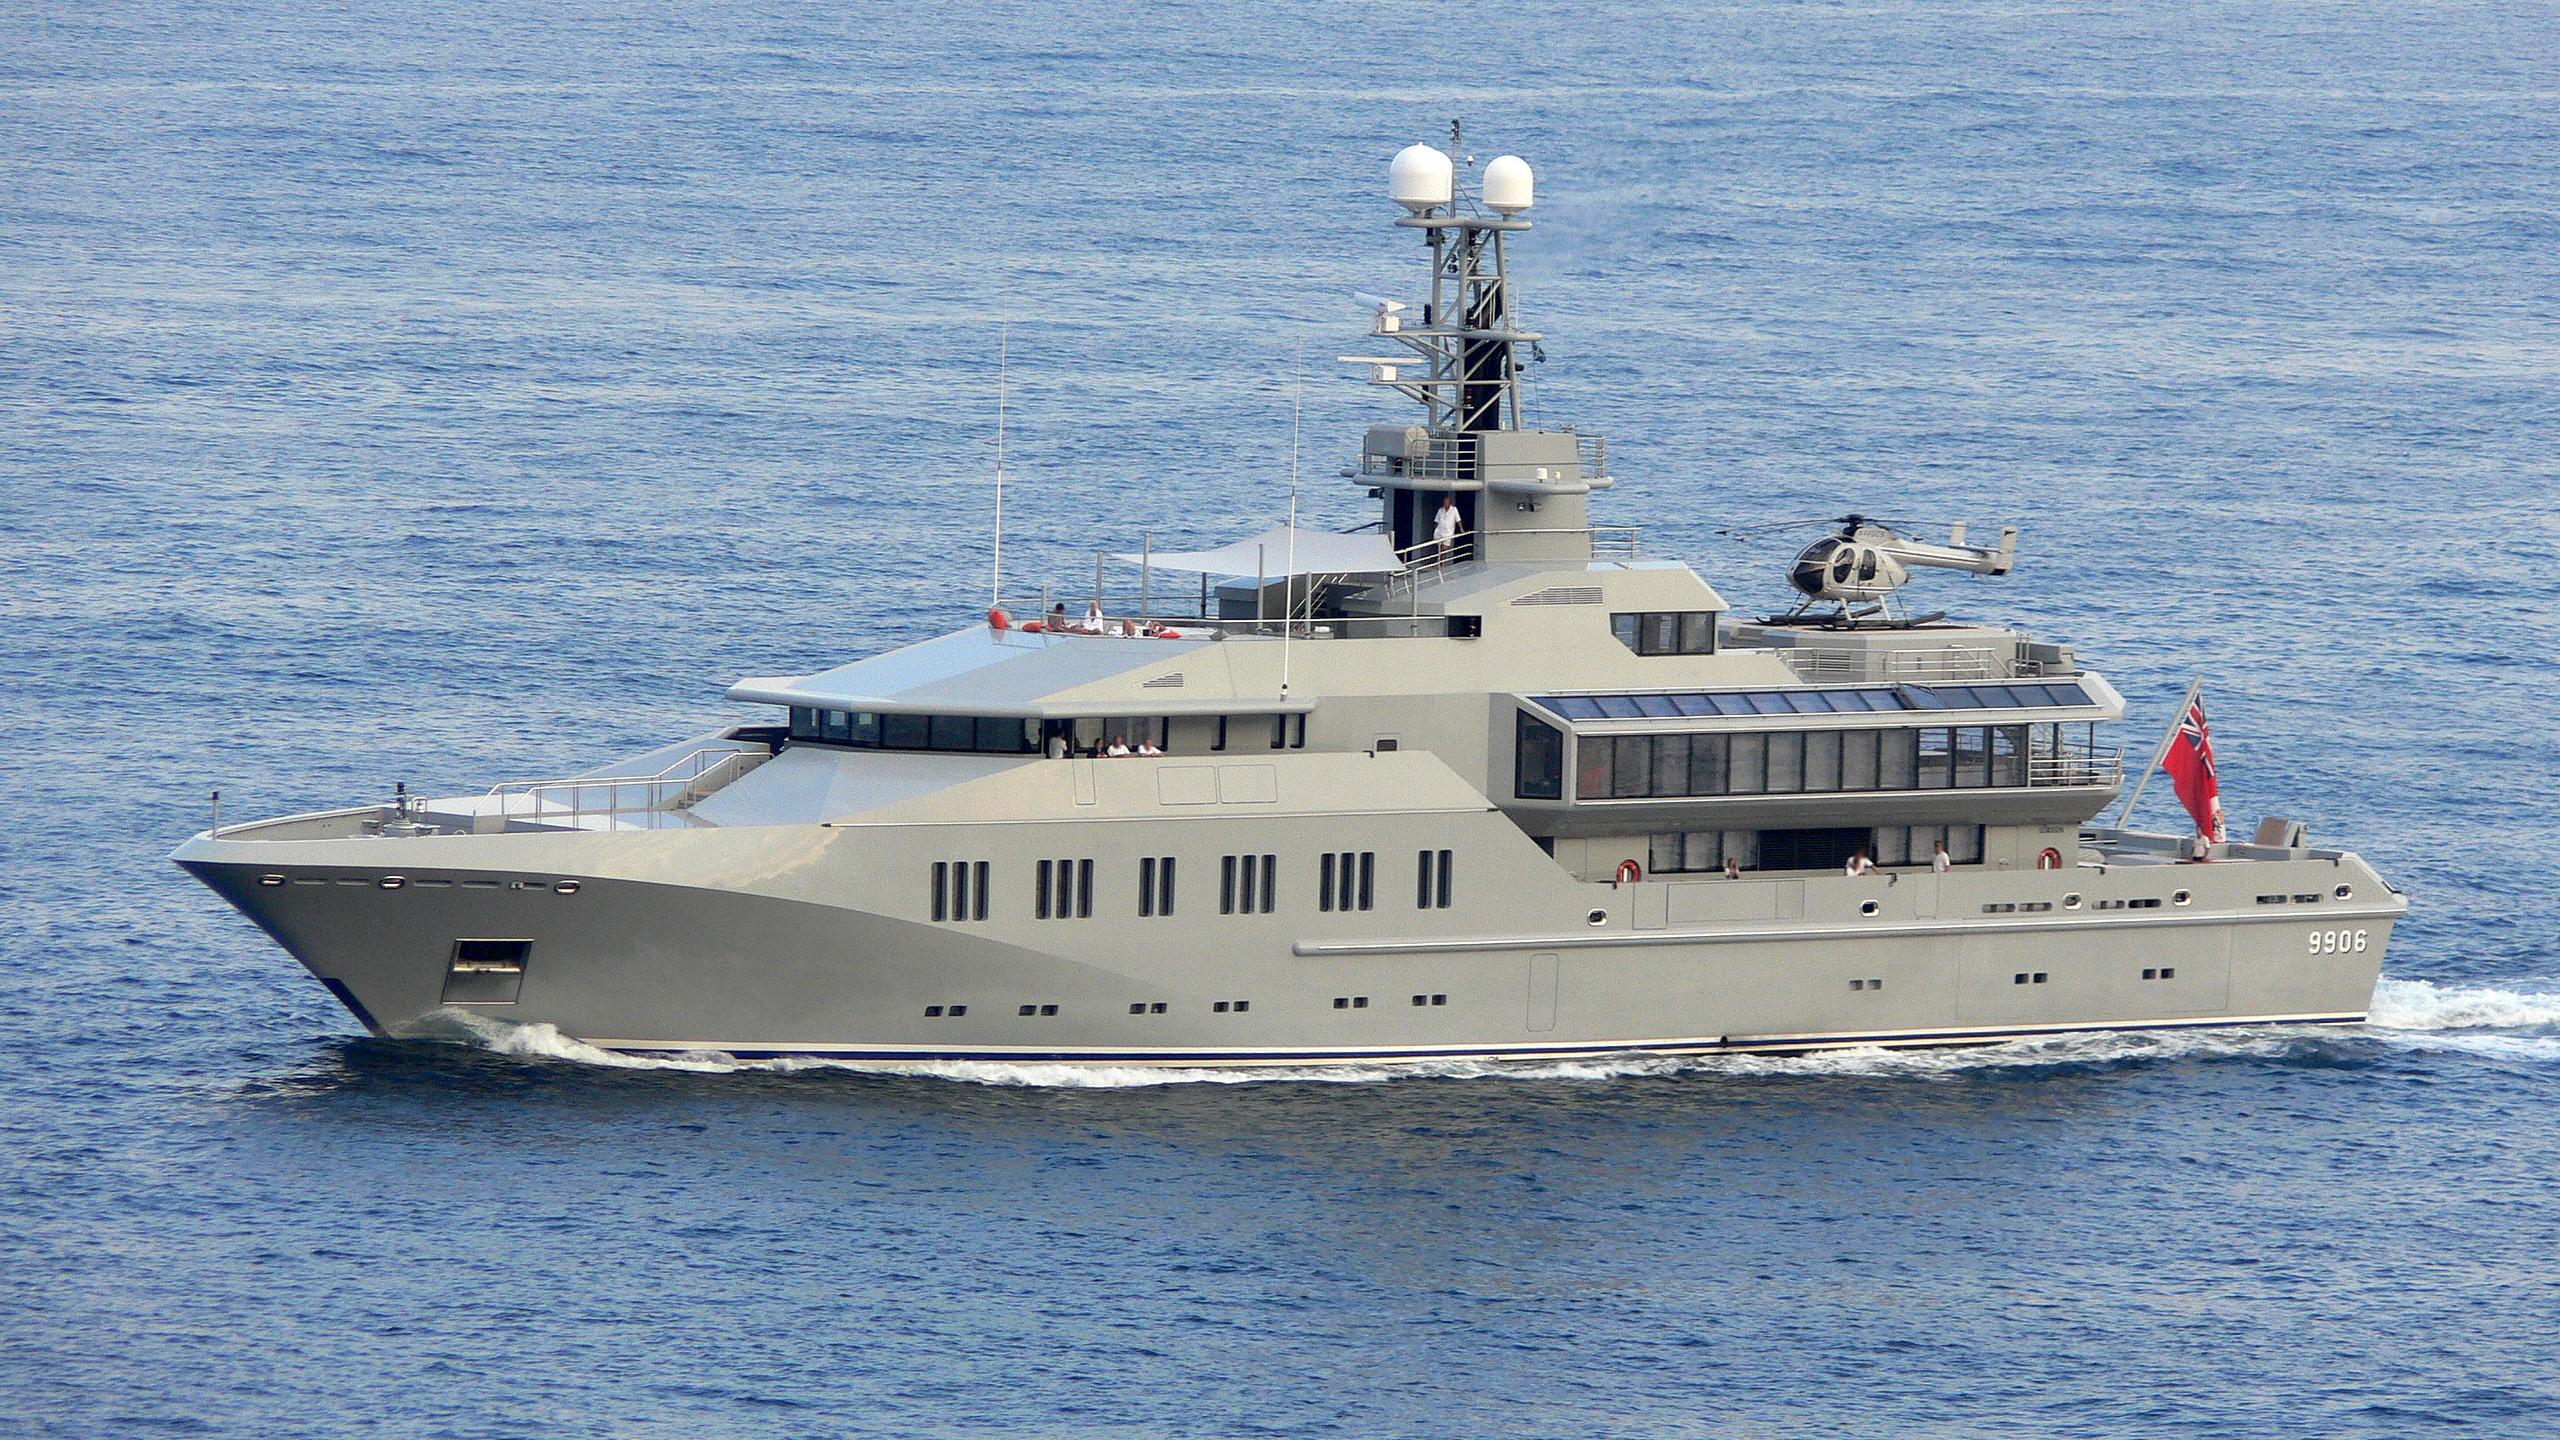 skat-explorer-yacht-lurssen-2002-71m-profile